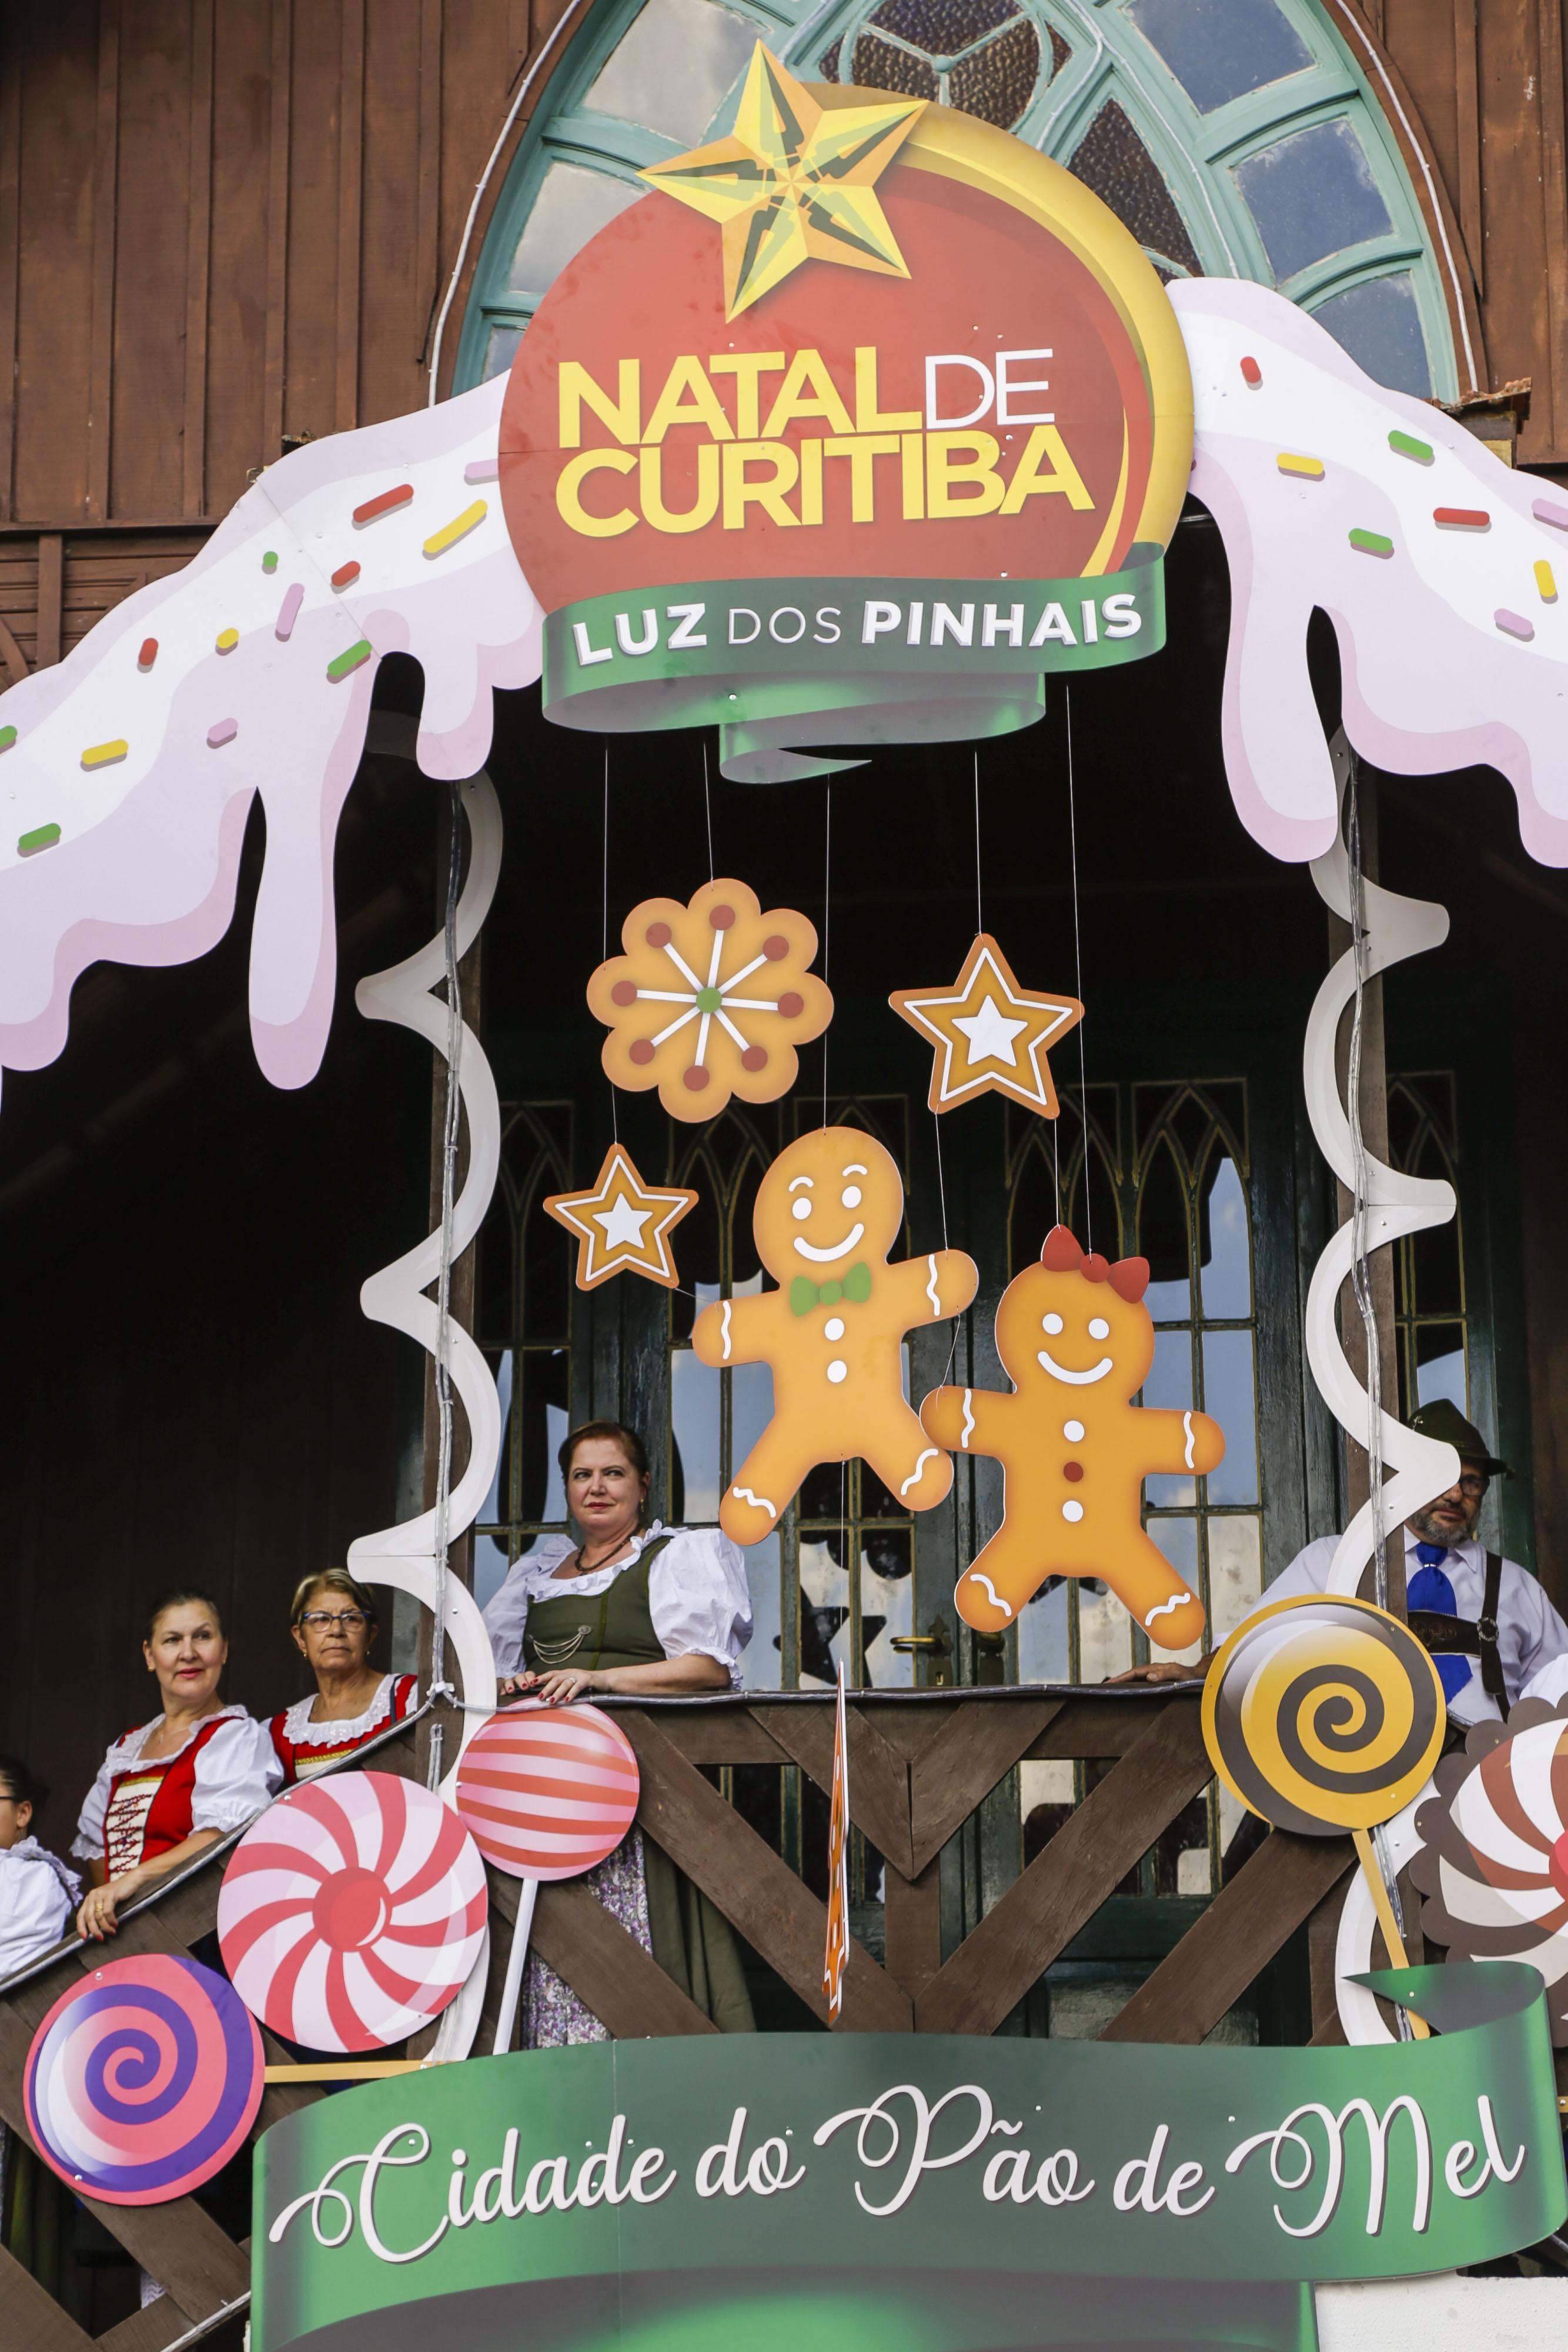 7a6ee4ab2 1/4Inauguração da Vila de Natal e a Casa do Pão de Mel, no Bosque Alemão,  como parte da programação do Natal de Curitiba Luz dos Pinhais.